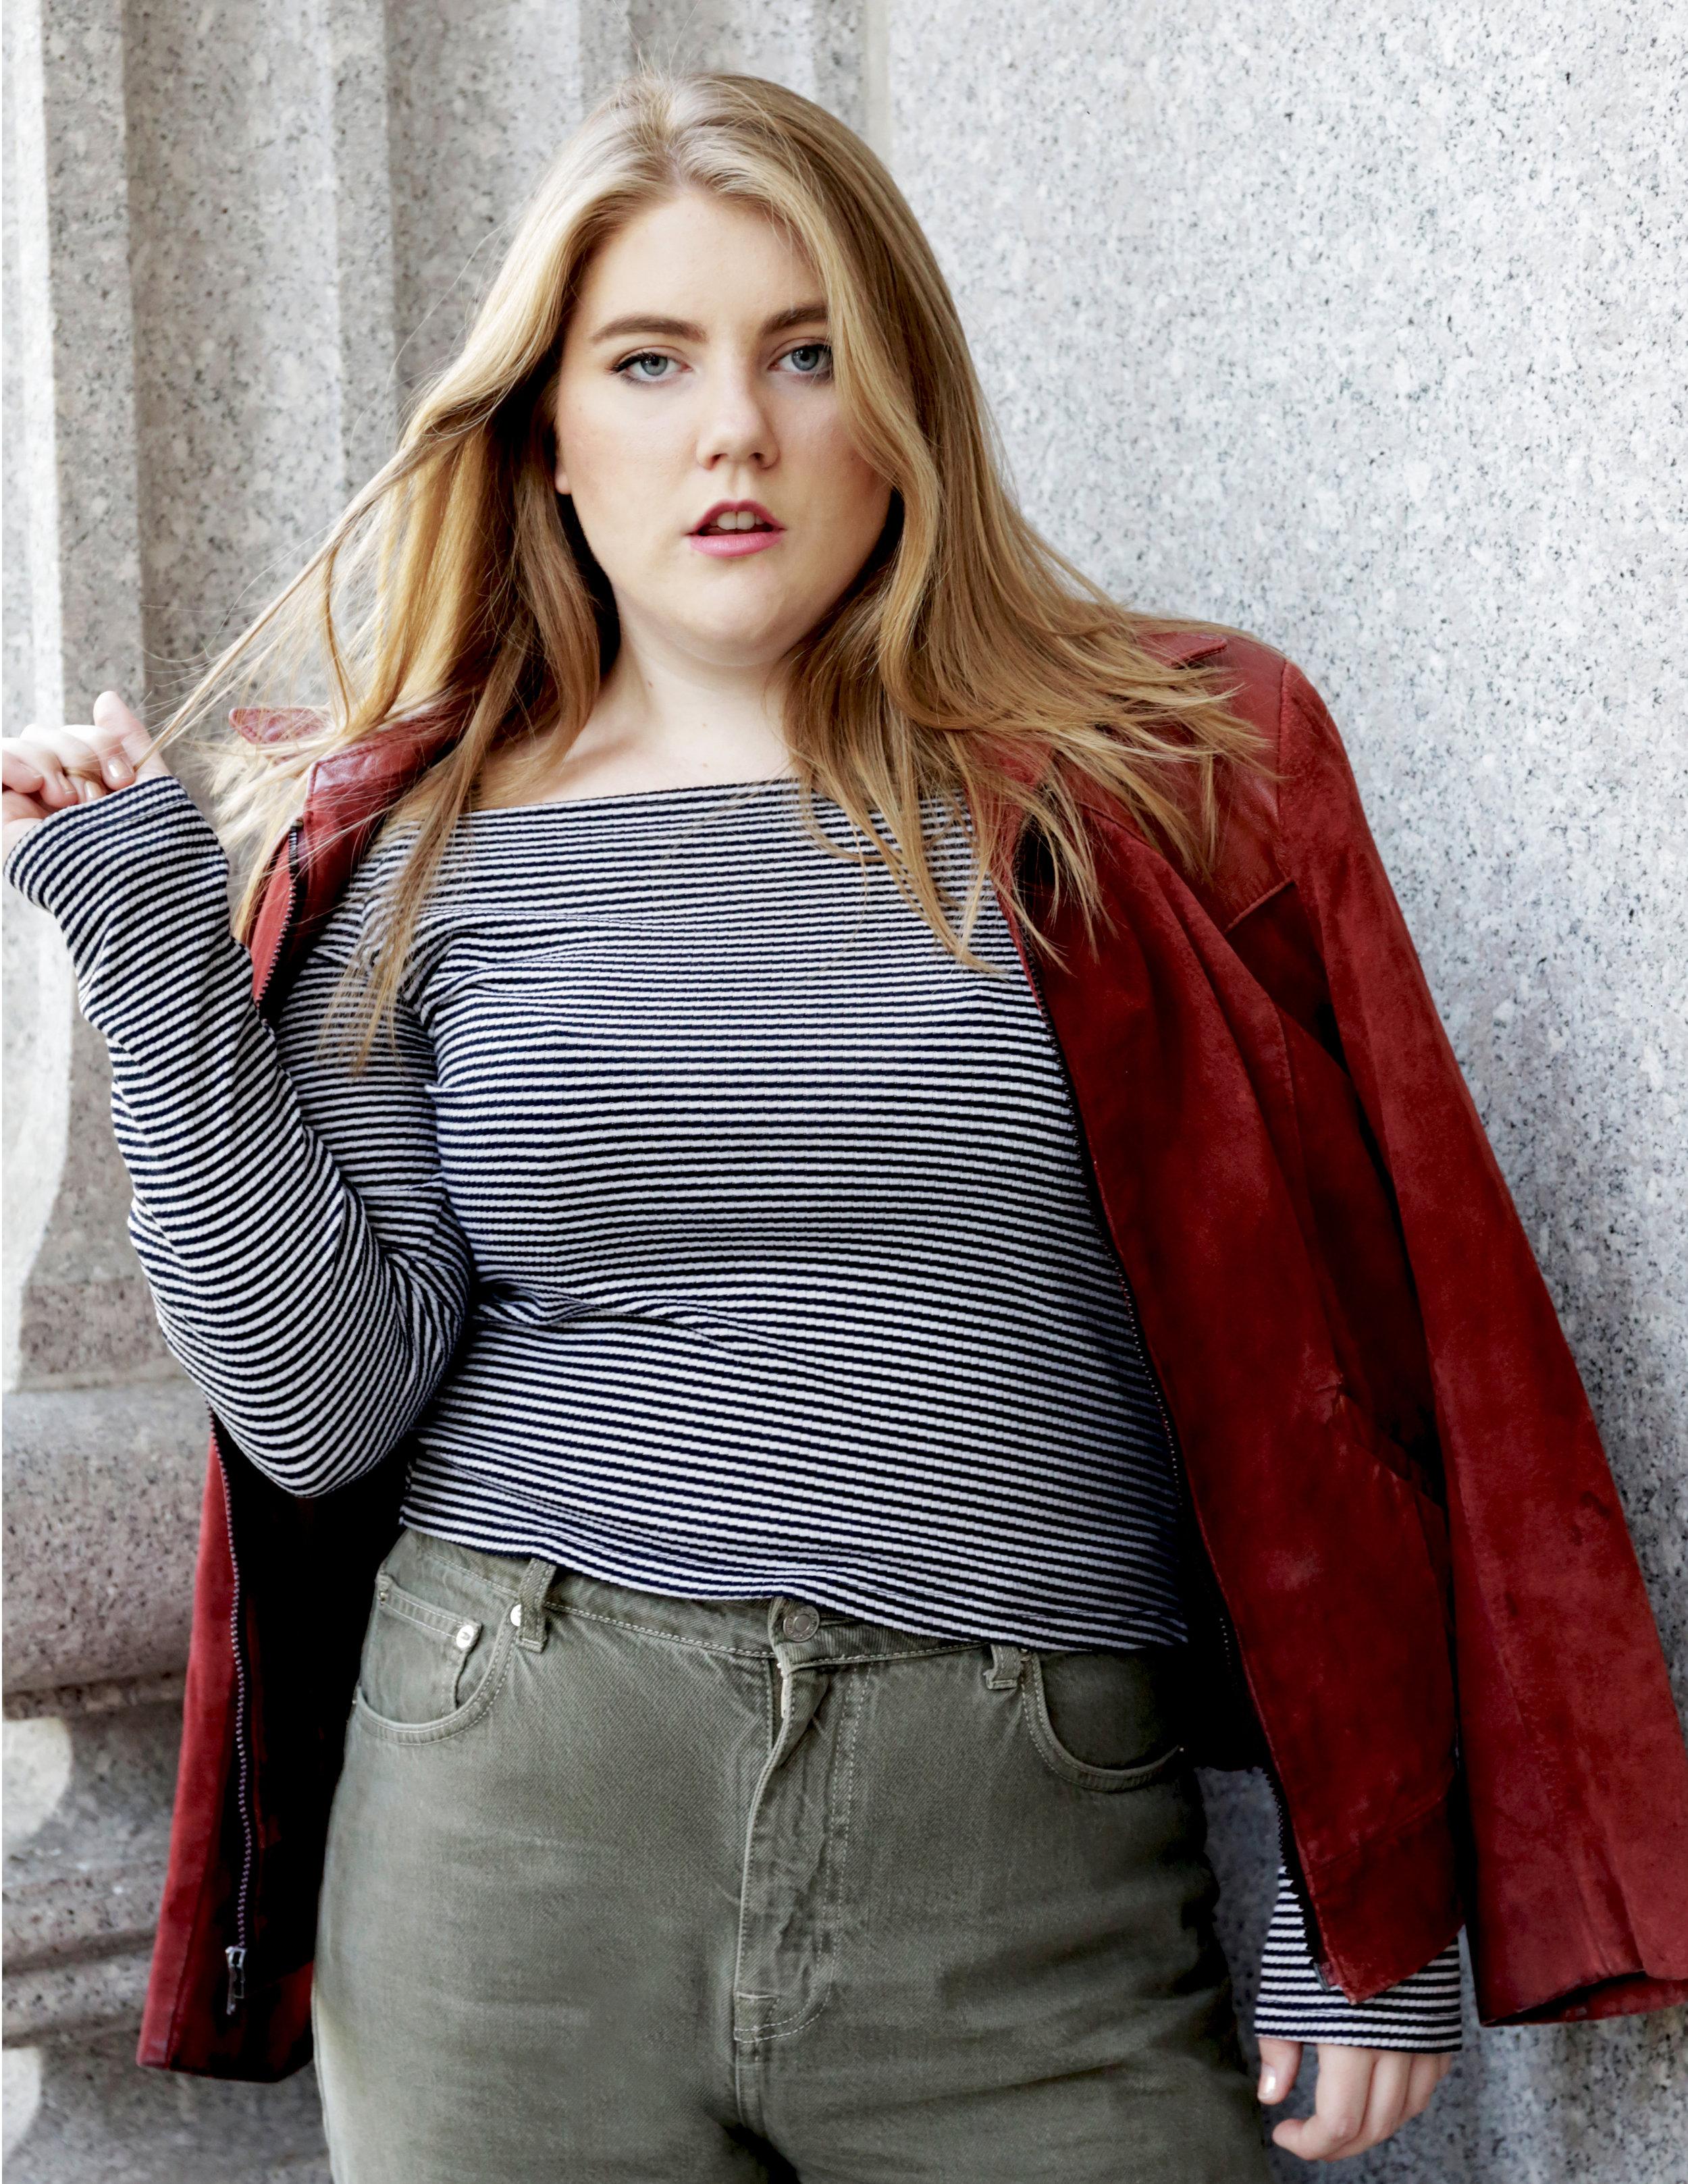 Amanda14.jpg